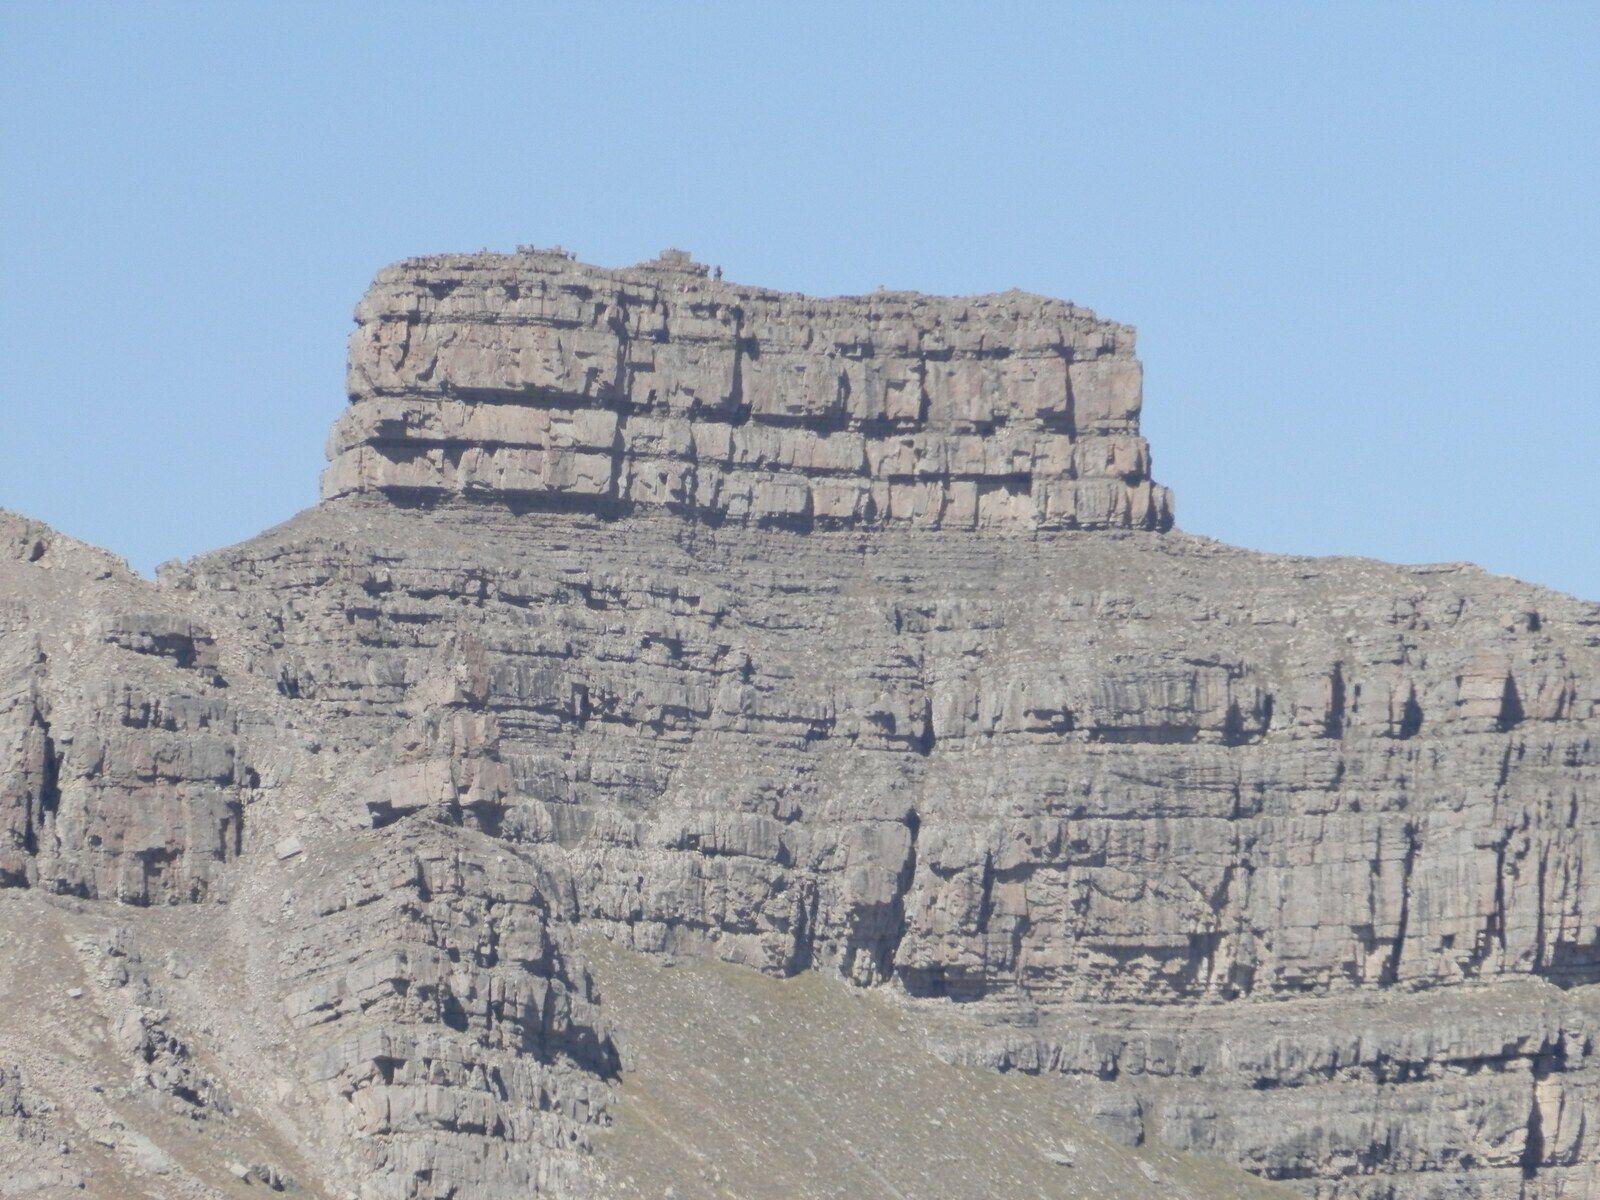 FORT CARRA forteresse de roc - Alpes Maritimes - goelandmedia.prod@gmail.com (c)